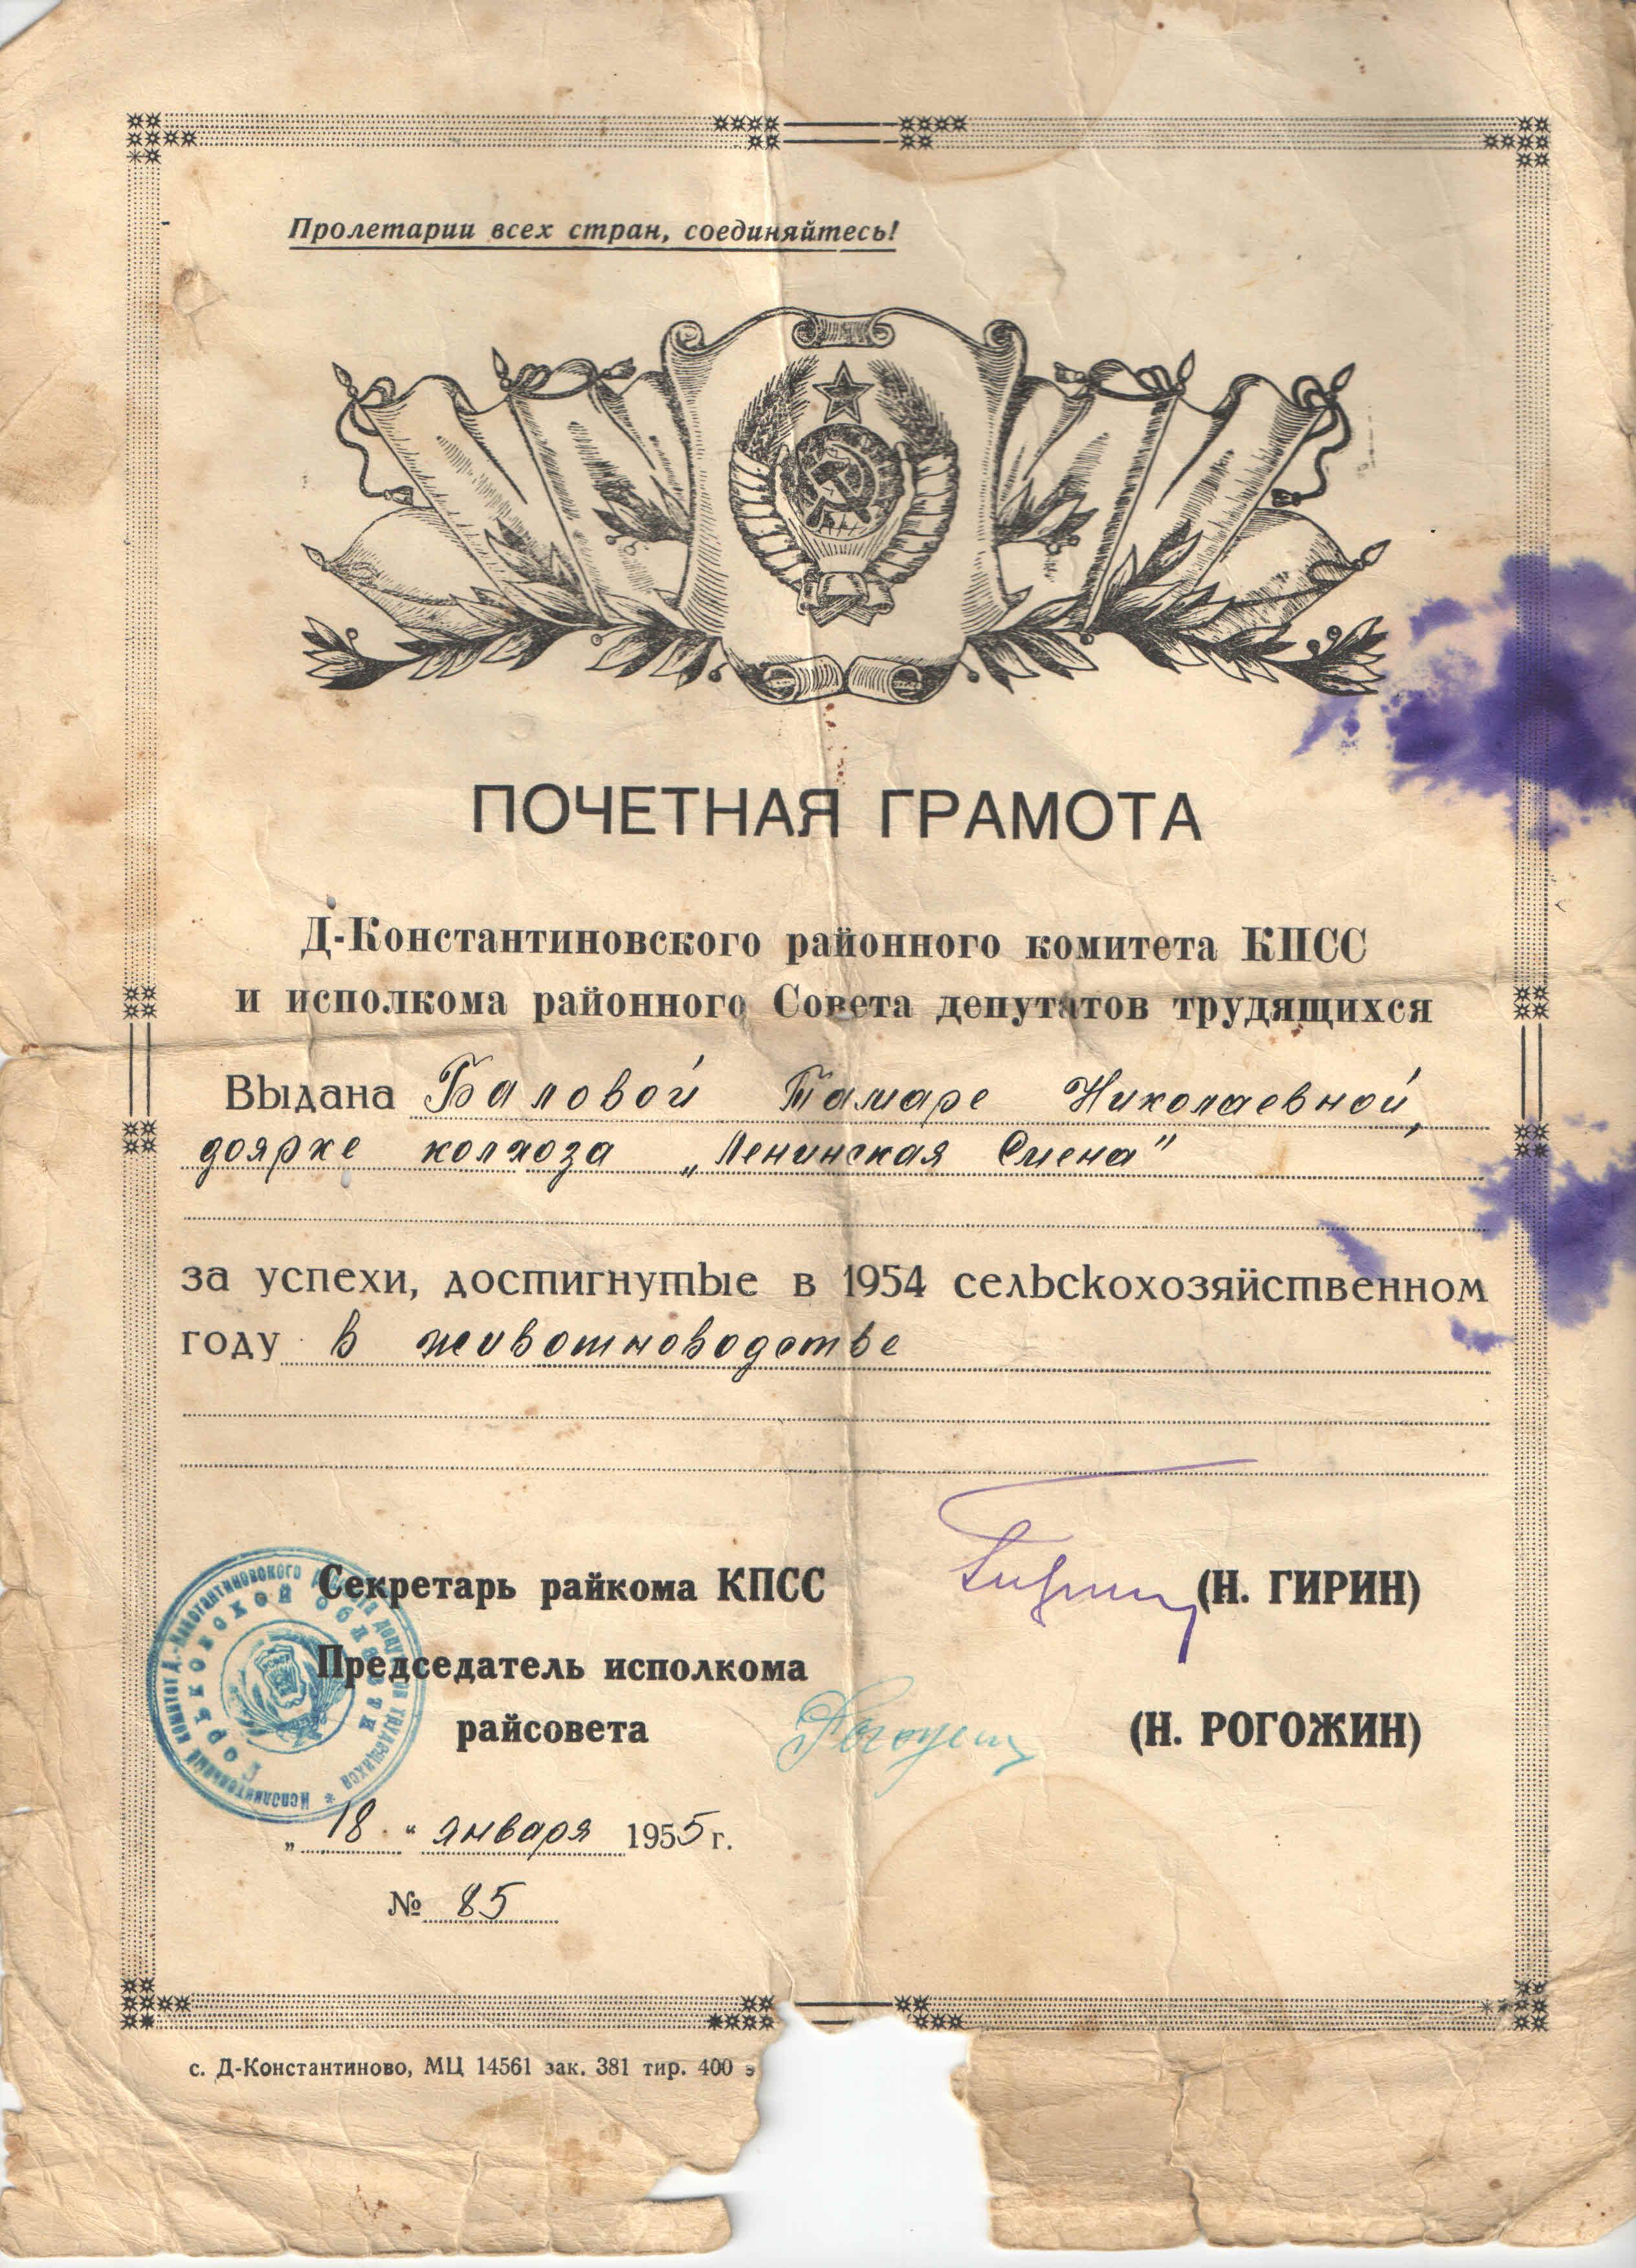 C:\Documents and Settings\Admin\Рабочий стол\Для Гоголевой Лизы\Грамота для Лизы.jpg